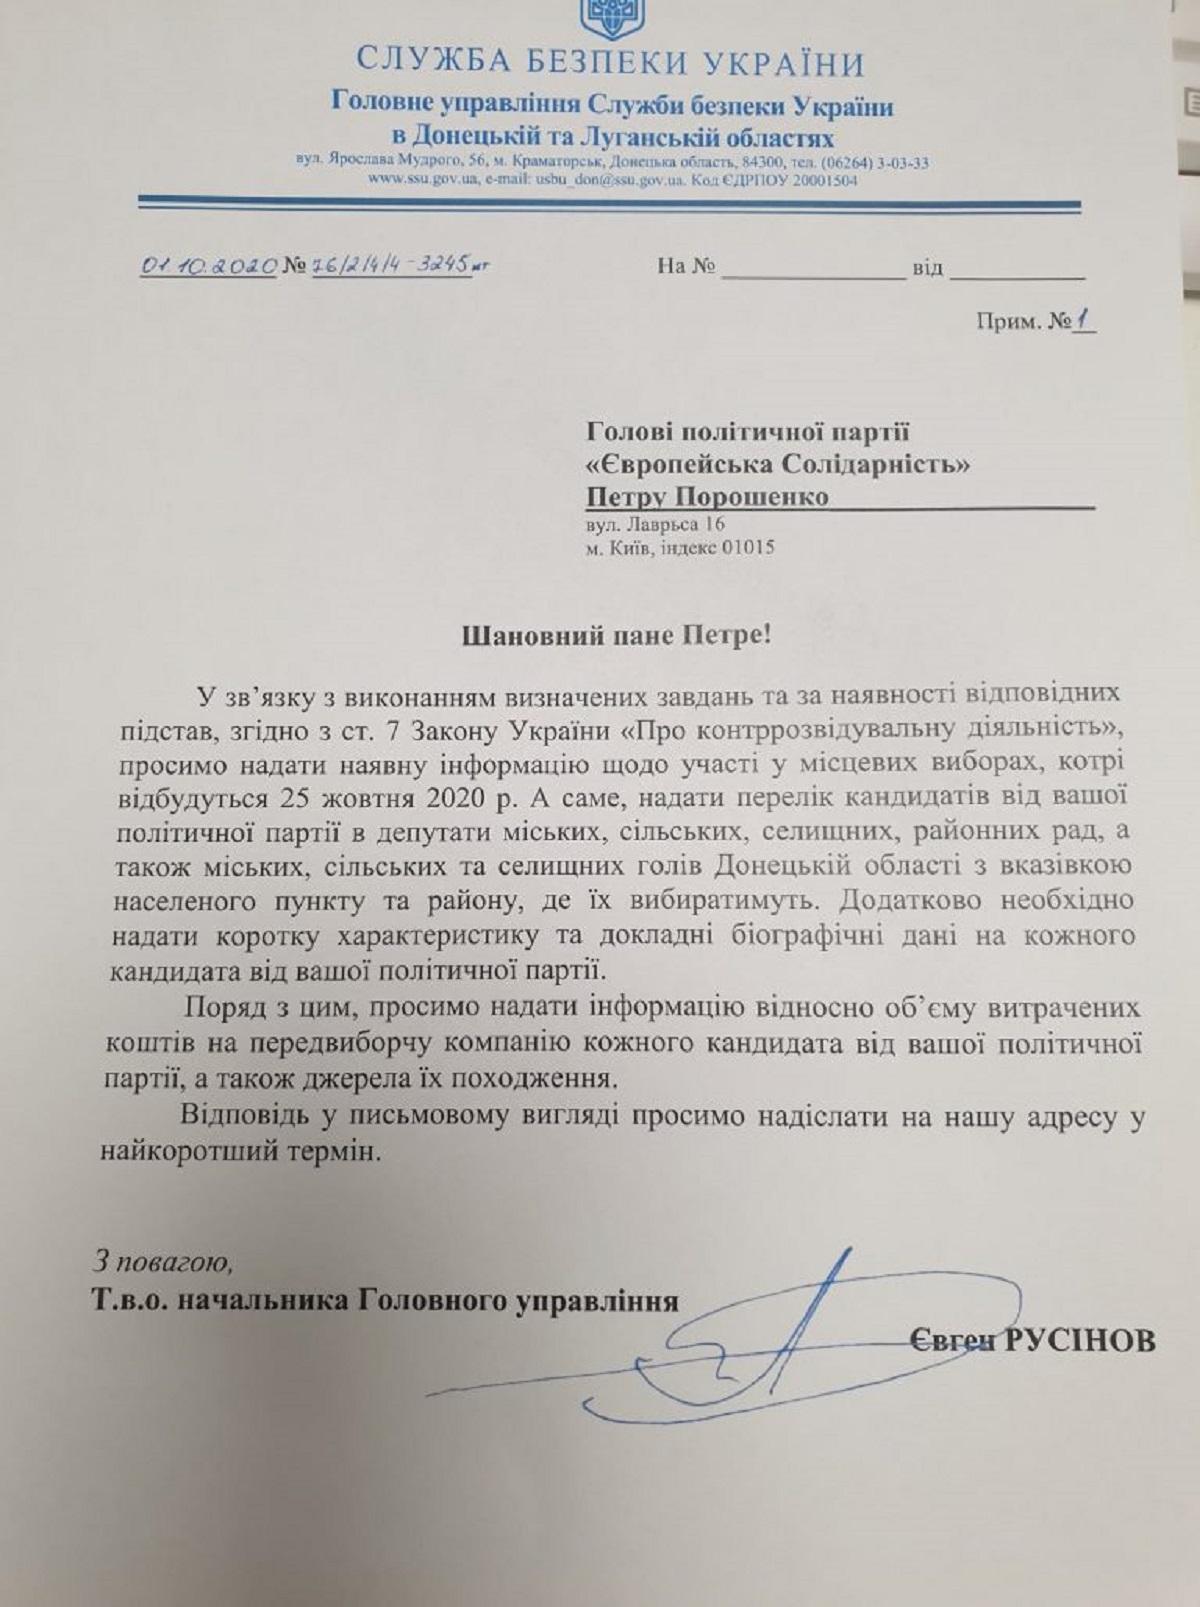 Предполагаемое письмо СБУ